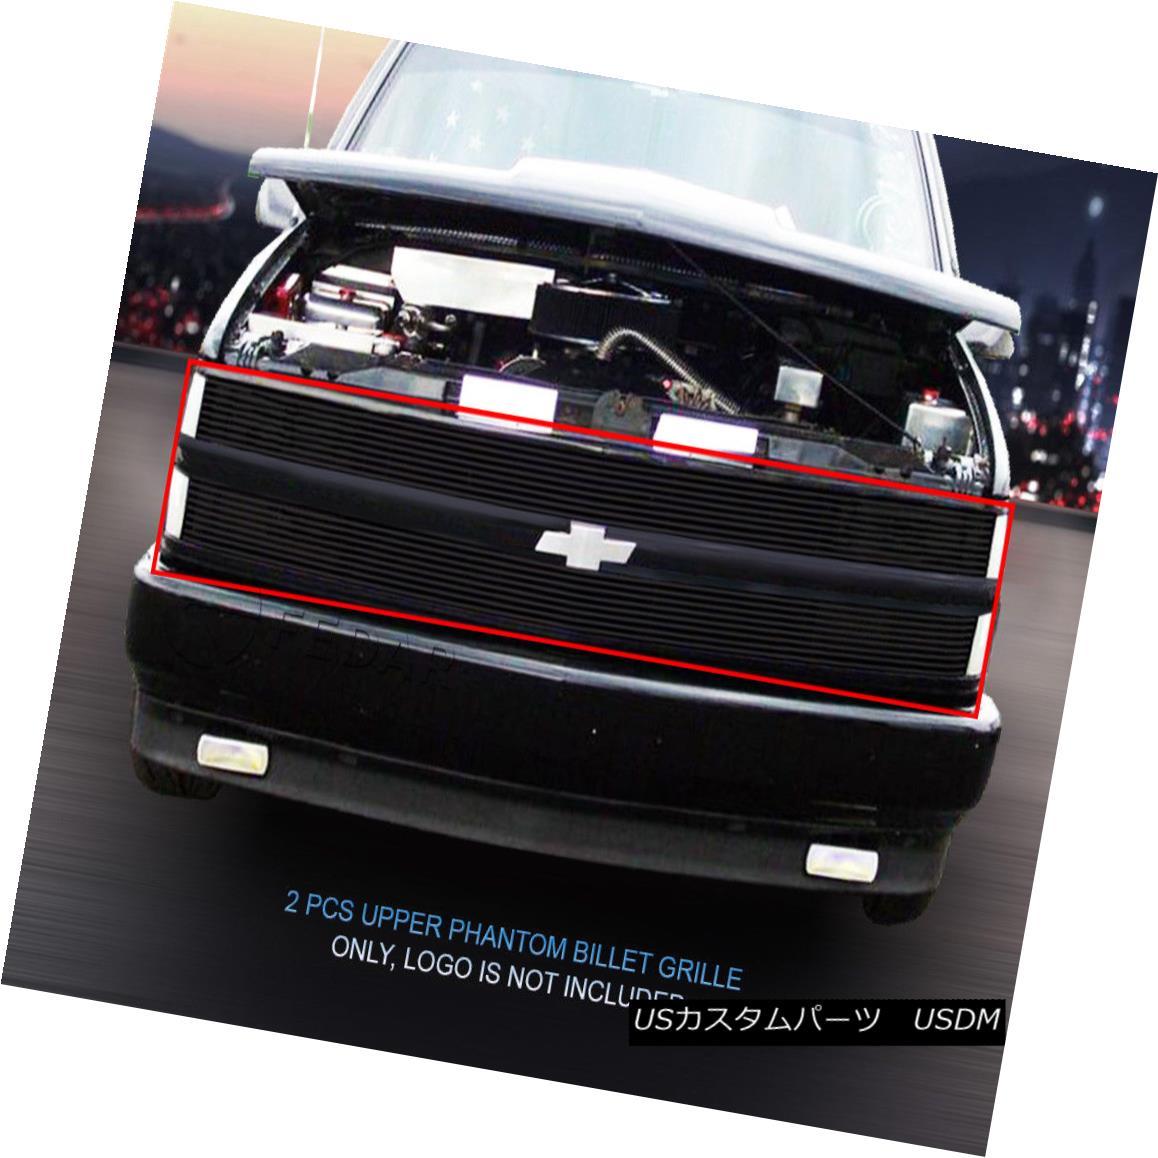 グリル 94-99 Chevy Suburban Blazer Tahoe C/K Pickup Black Phantom Grille Insert Fedar 94-99シボレー郊外ブレザータホC / Kピックアップブラックファントムグリルインサートフェルダー